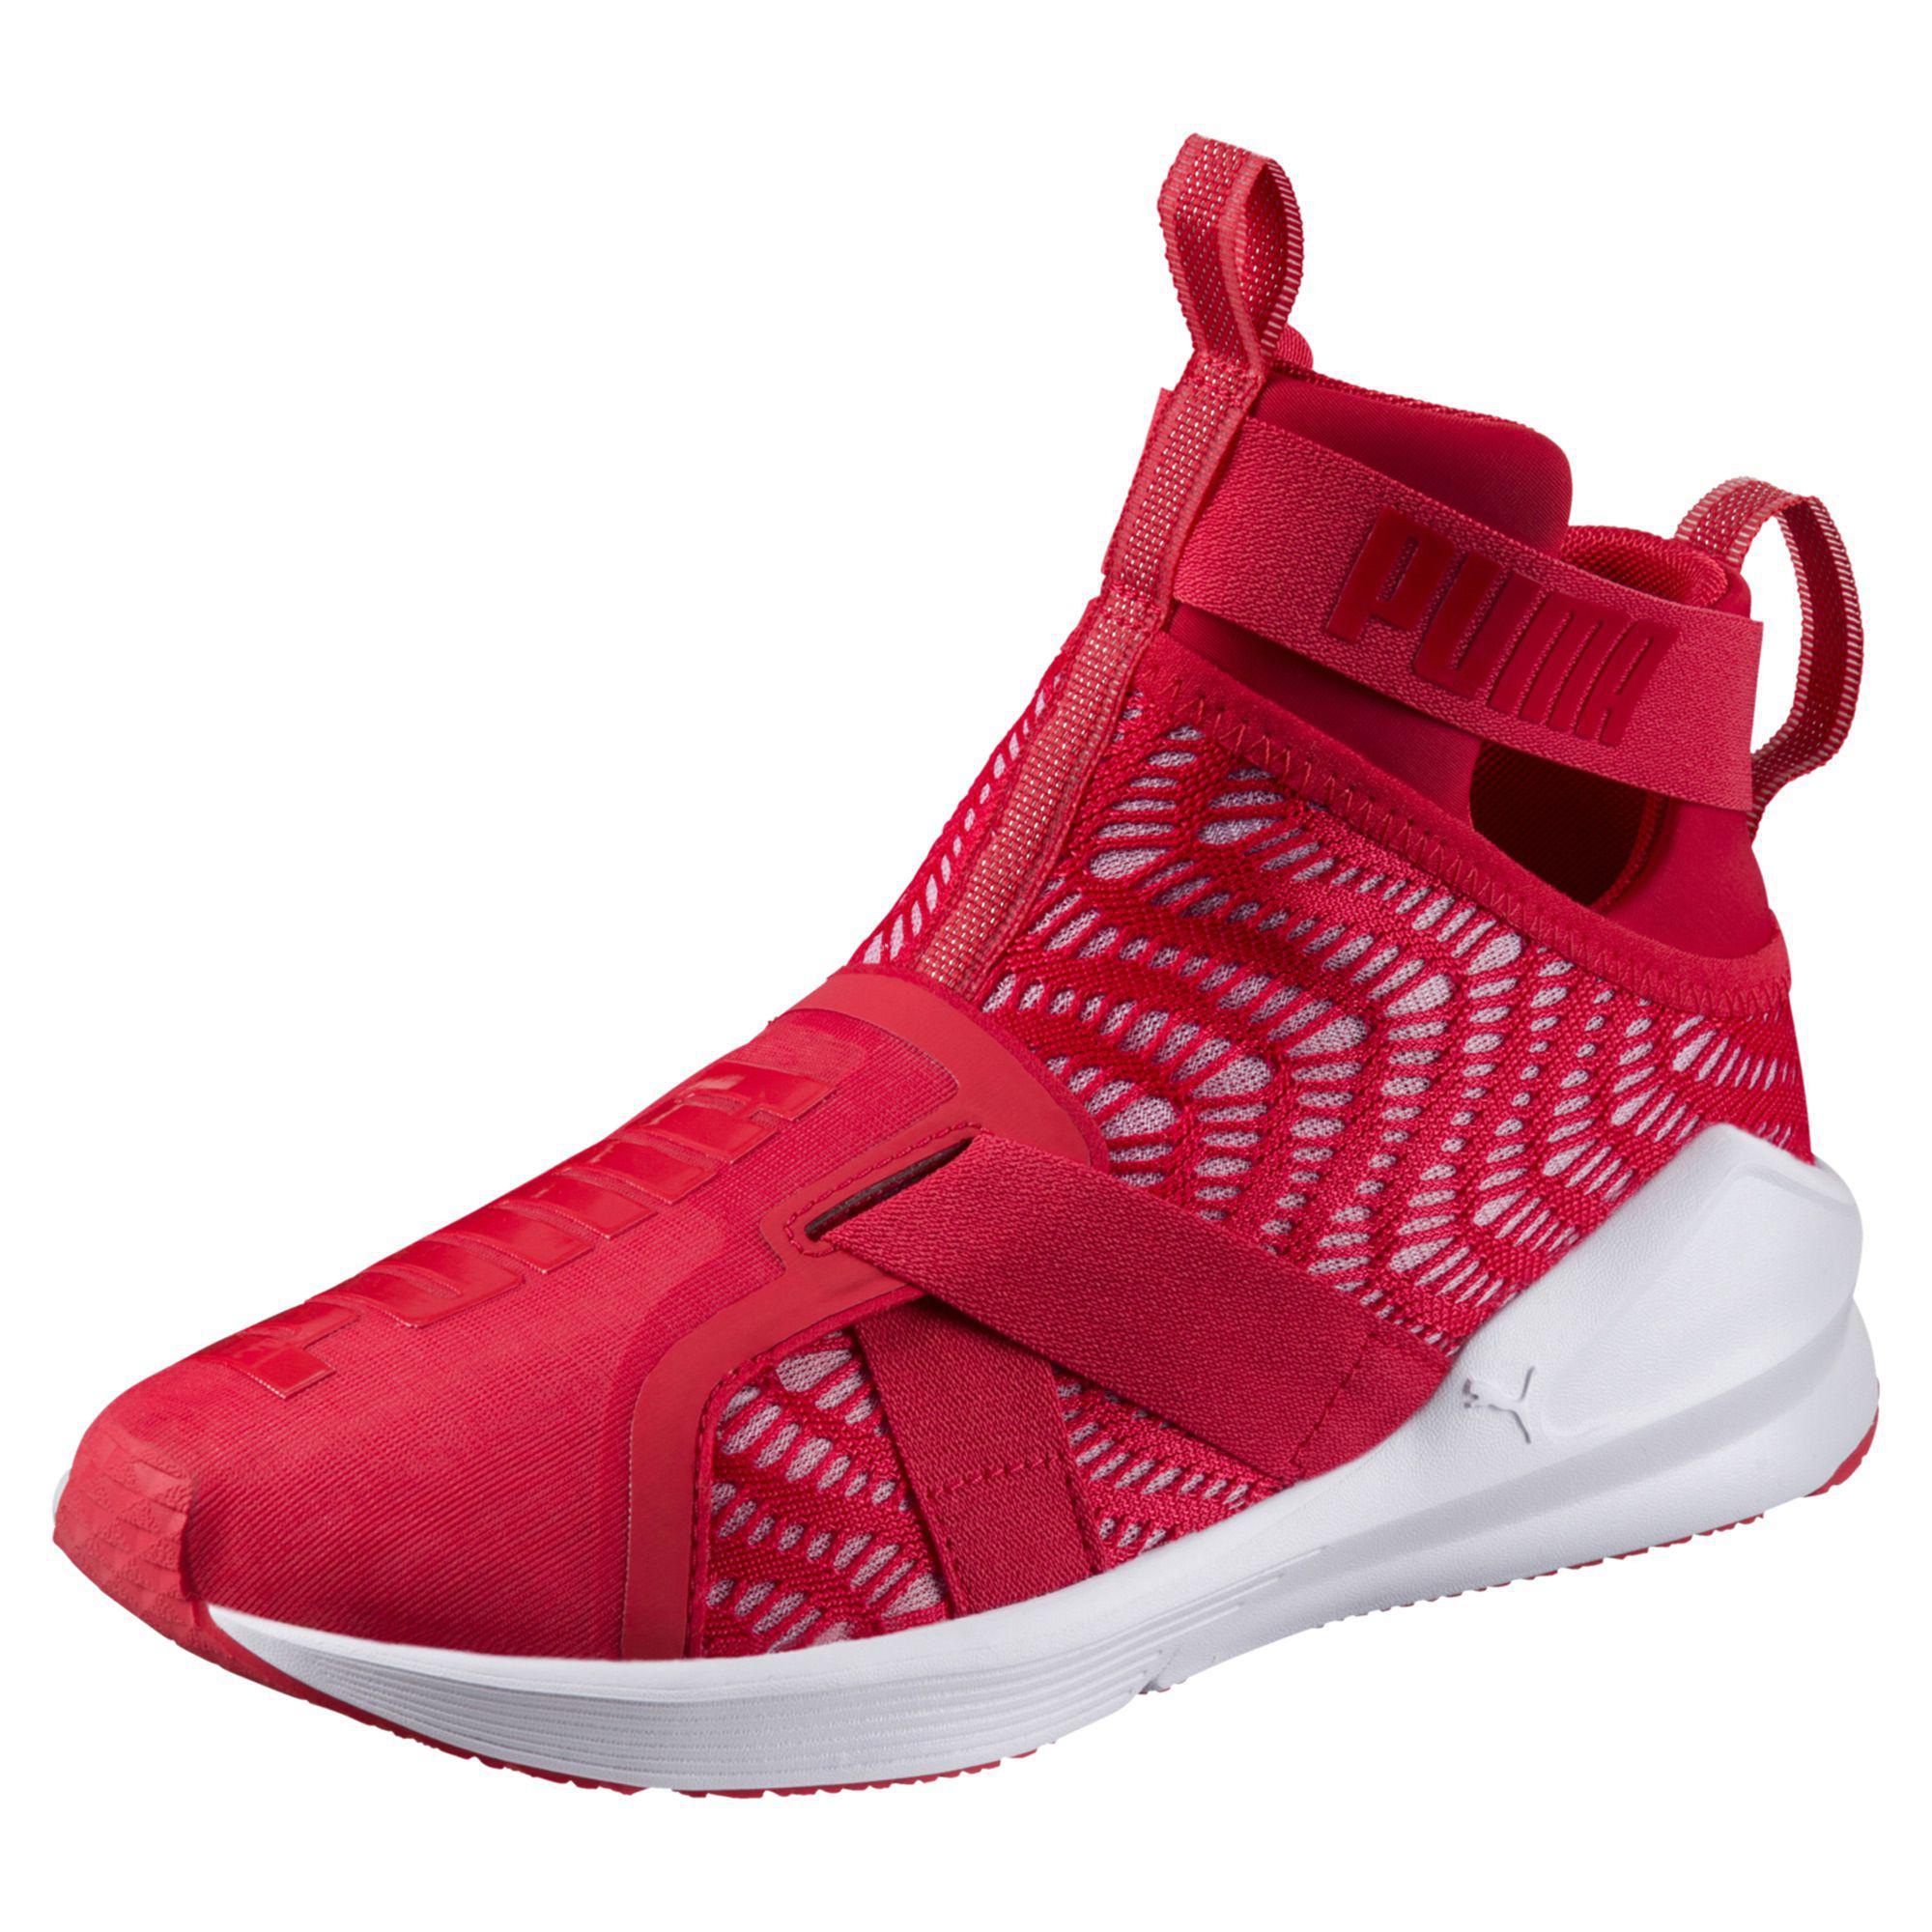 Lyst - PUMA Fierce Strap Swirl Women s Training Shoes in Red ef1ef65526